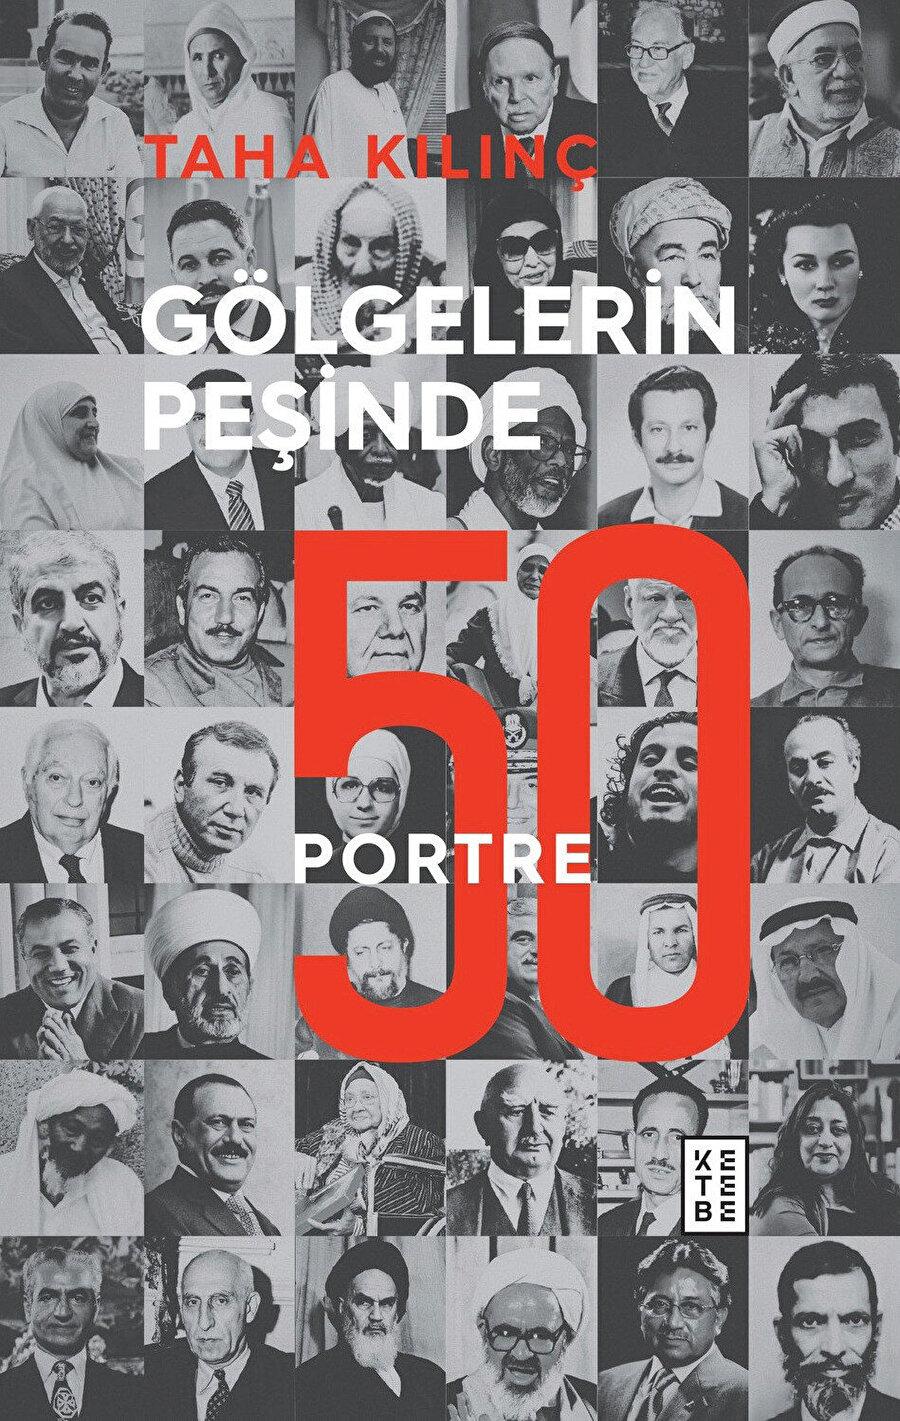 Taha Kılınç' la Ketebe Yayınları'ndan çıkan son kitabı Gölgelerin Peşinde' yi konuştuk.